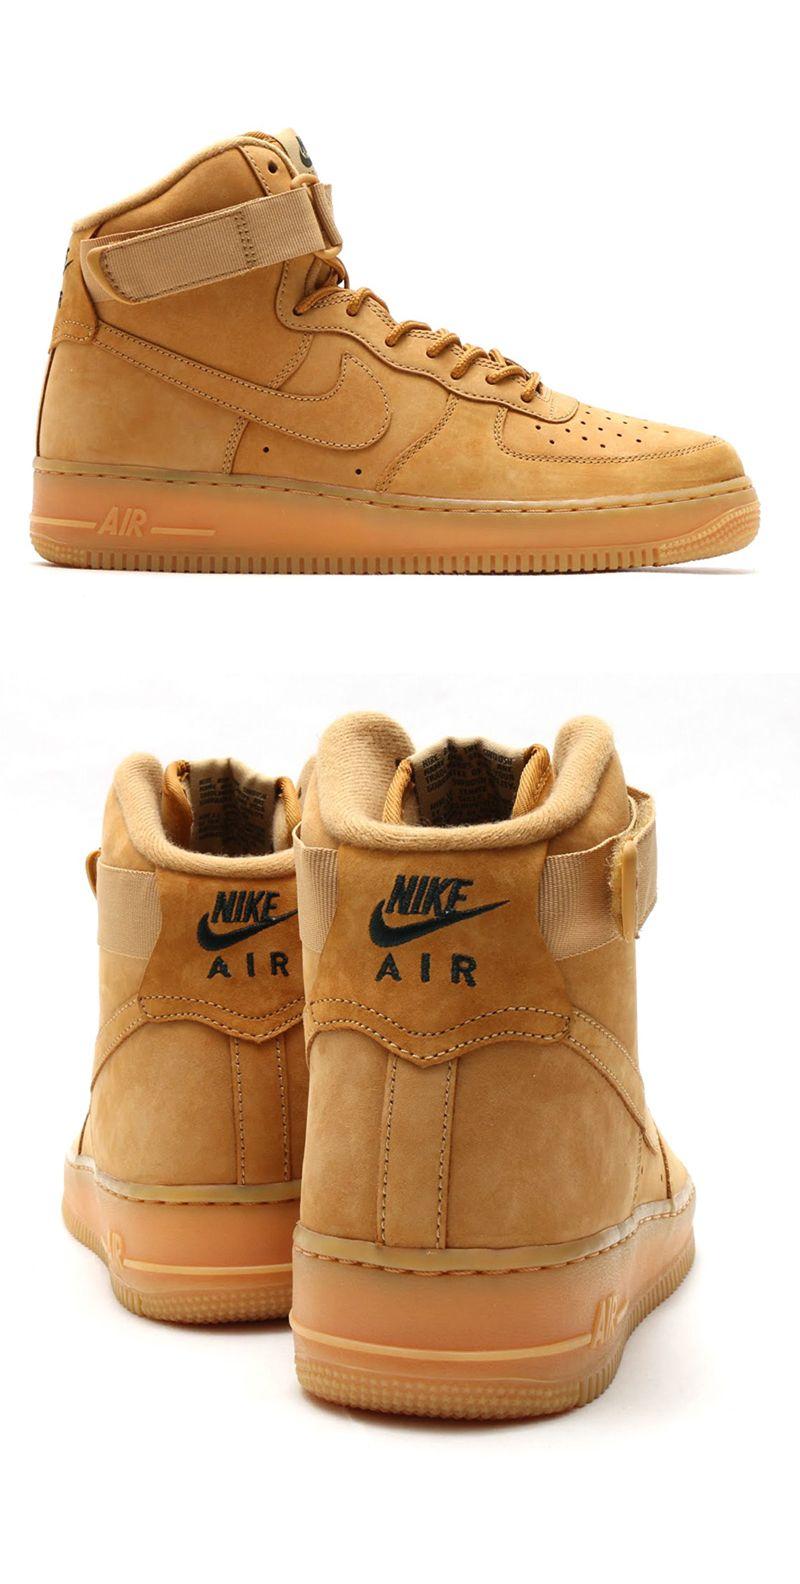 Nike Air Force 1 High | Zapatillas nike para hombre, Zapatos ...